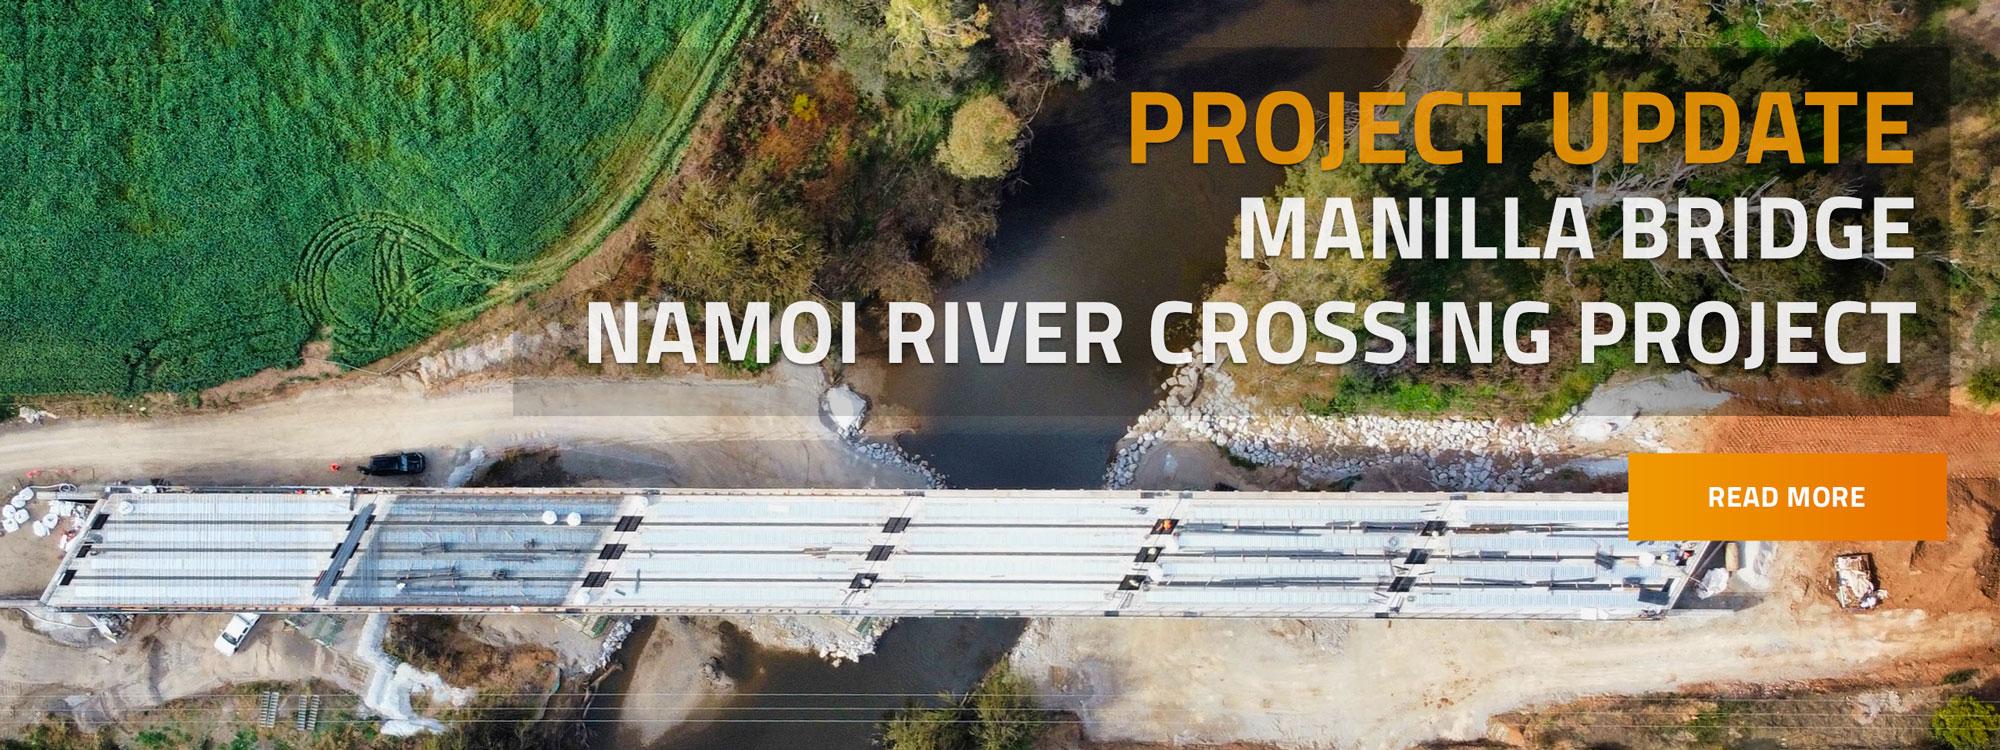 manilla-bridge-update-header